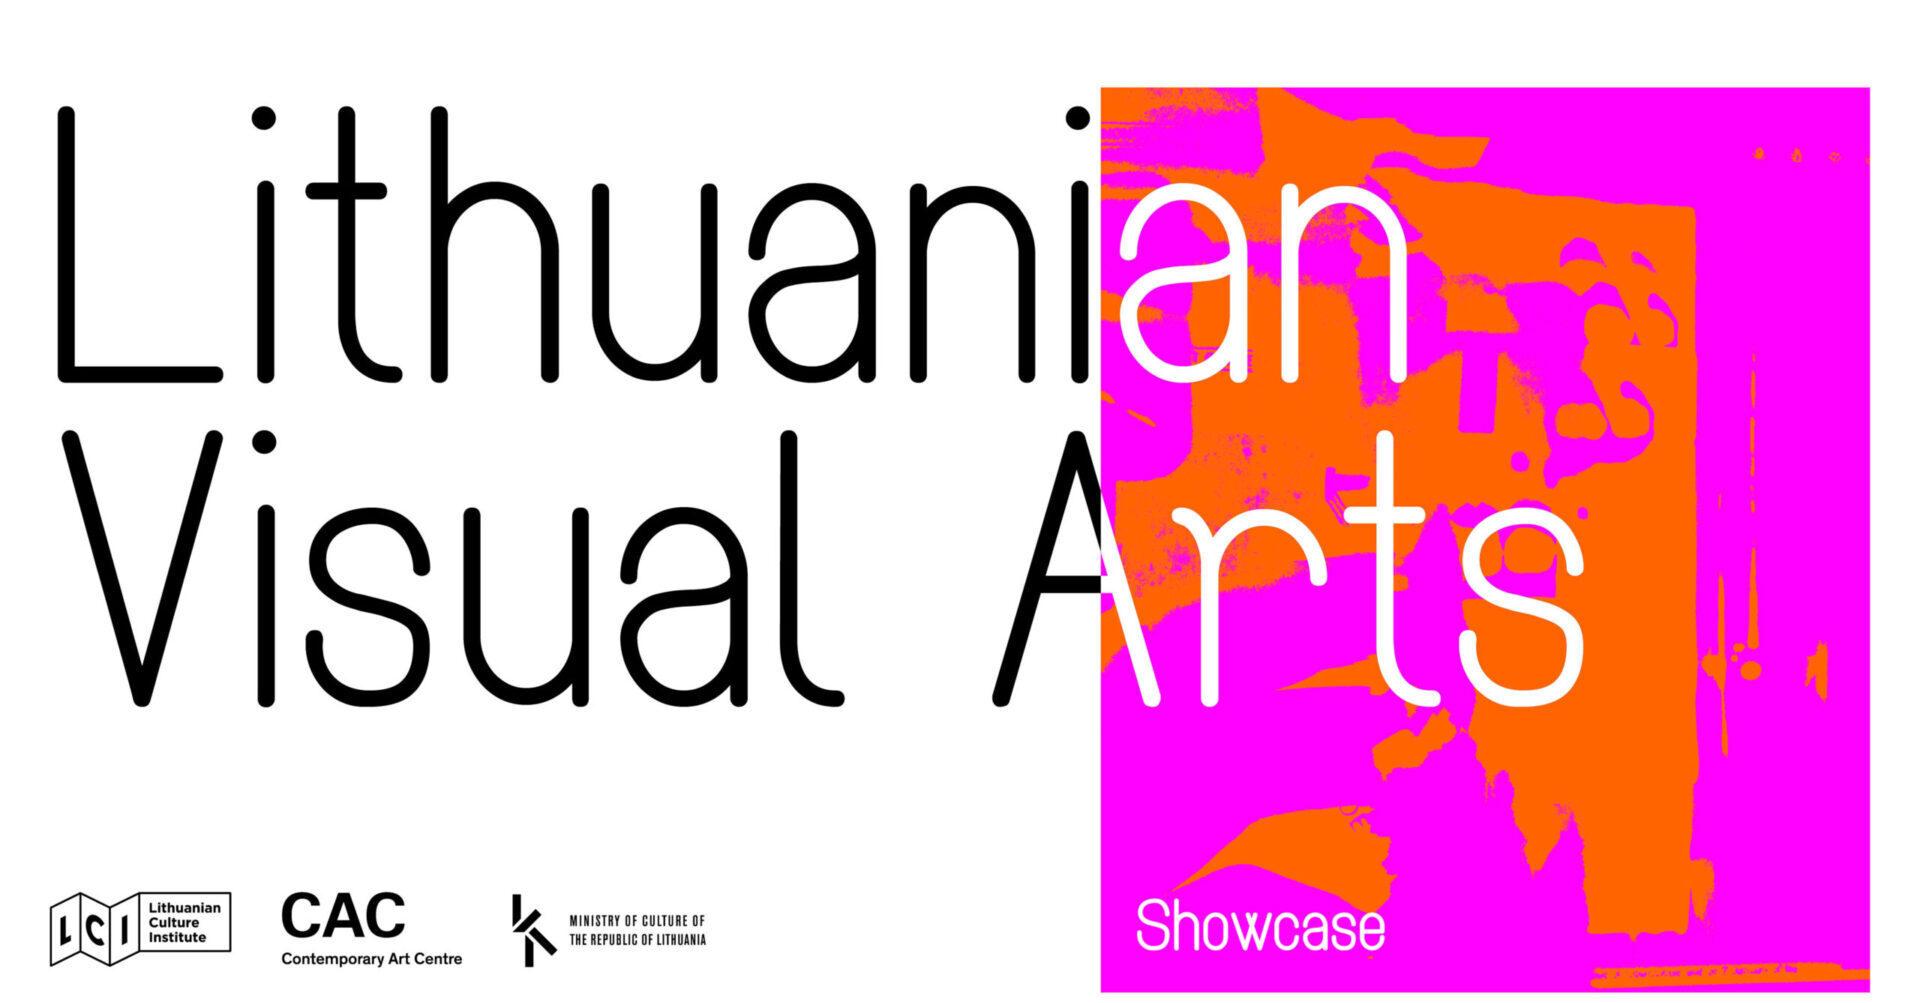 Lithuanian Visual Arts  Showcase